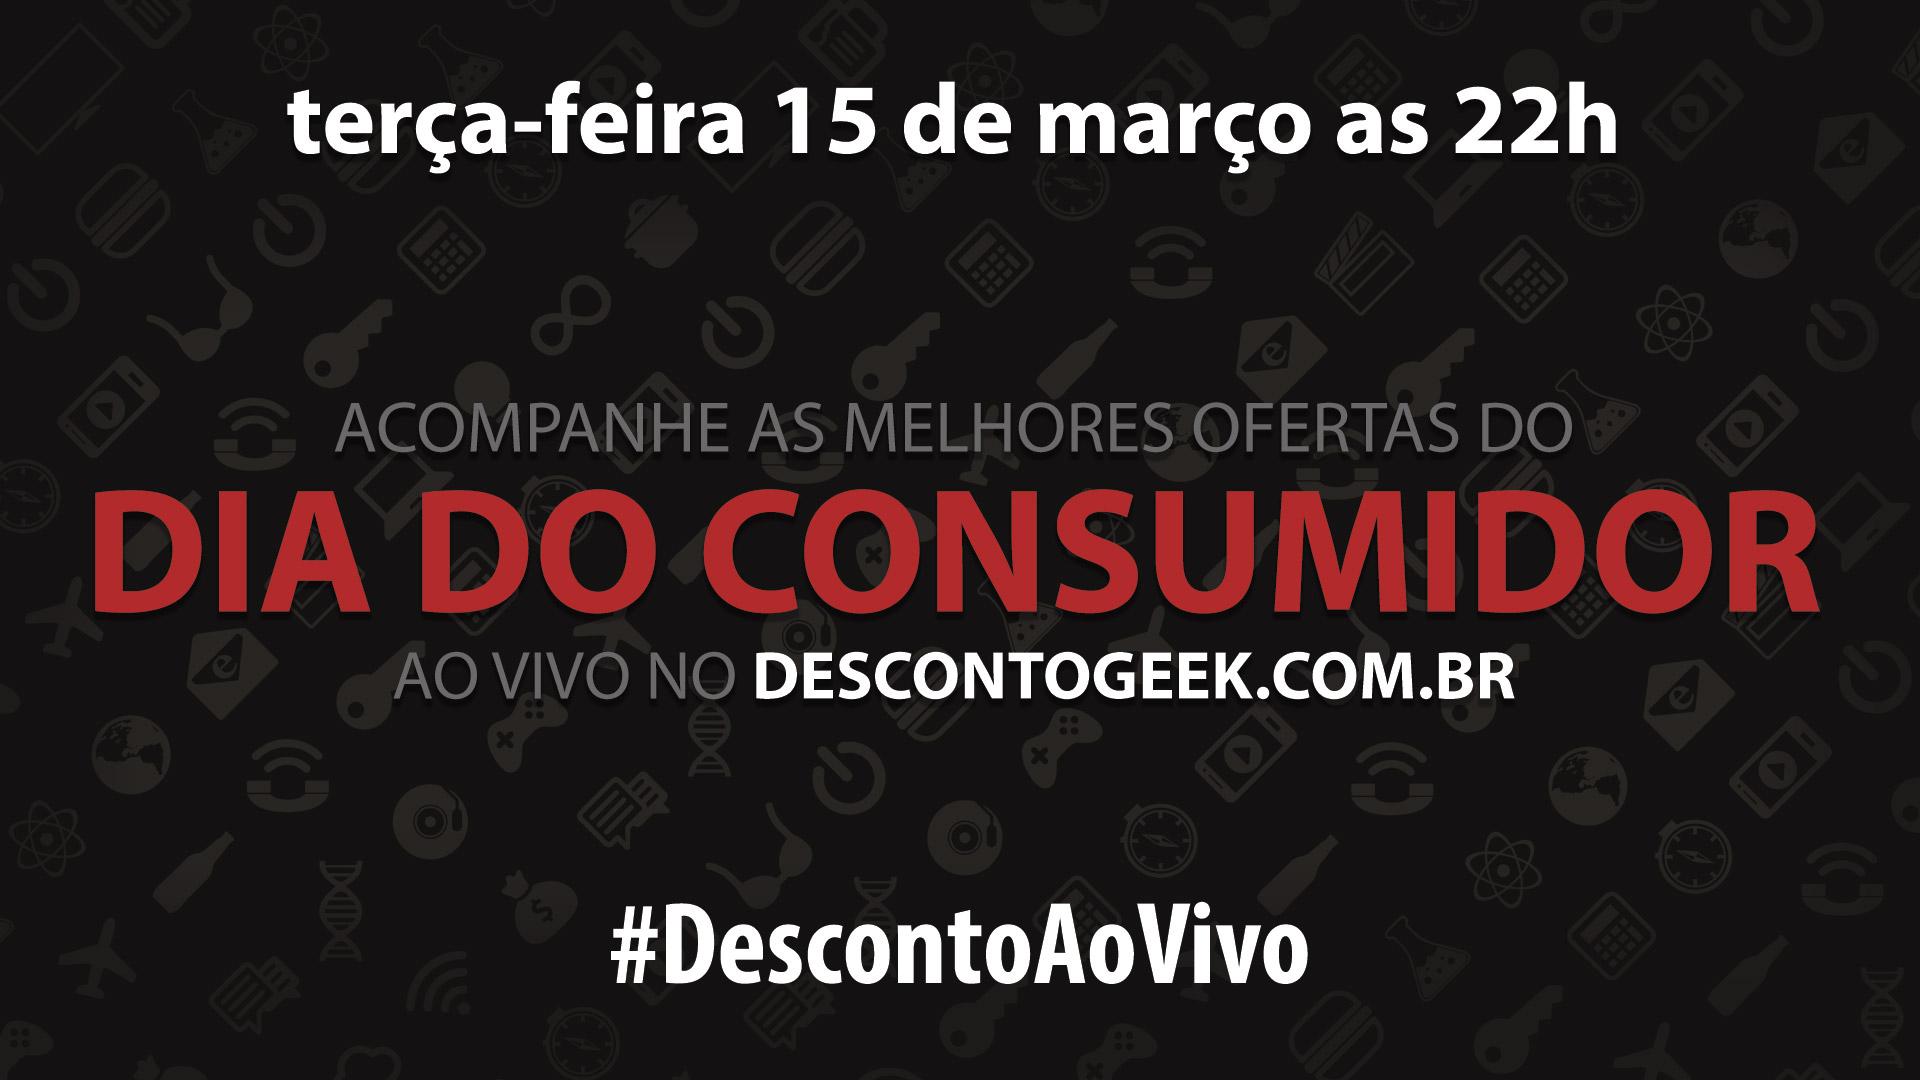 Desconto Geek -Dia do Consumidor